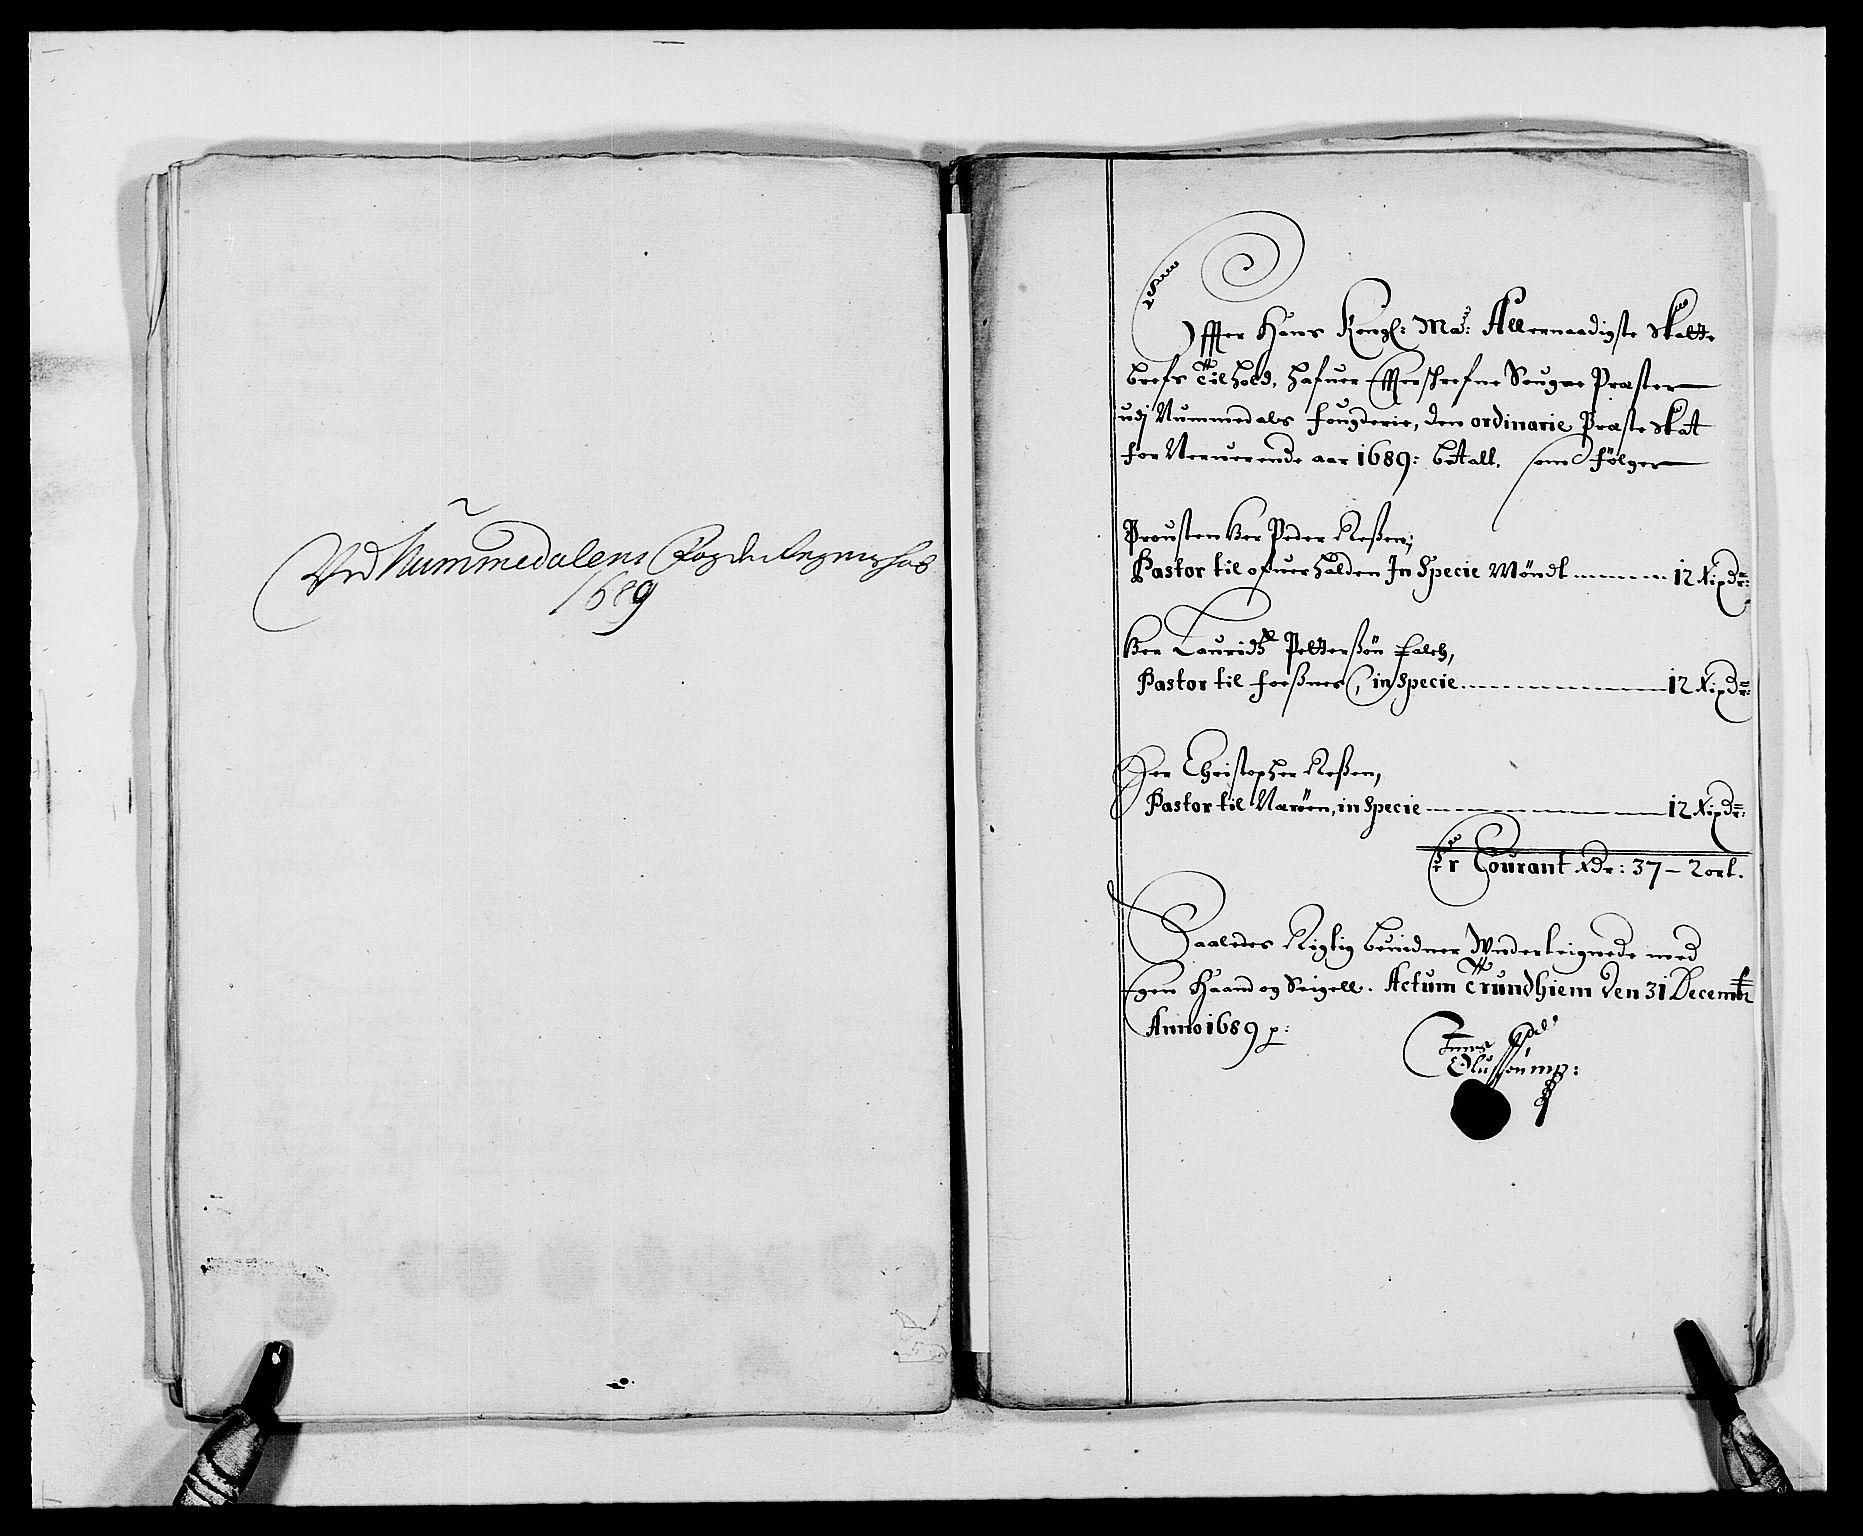 RA, Rentekammeret inntil 1814, Reviderte regnskaper, Fogderegnskap, R64/L4422: Fogderegnskap Namdal, 1687-1689, s. 279